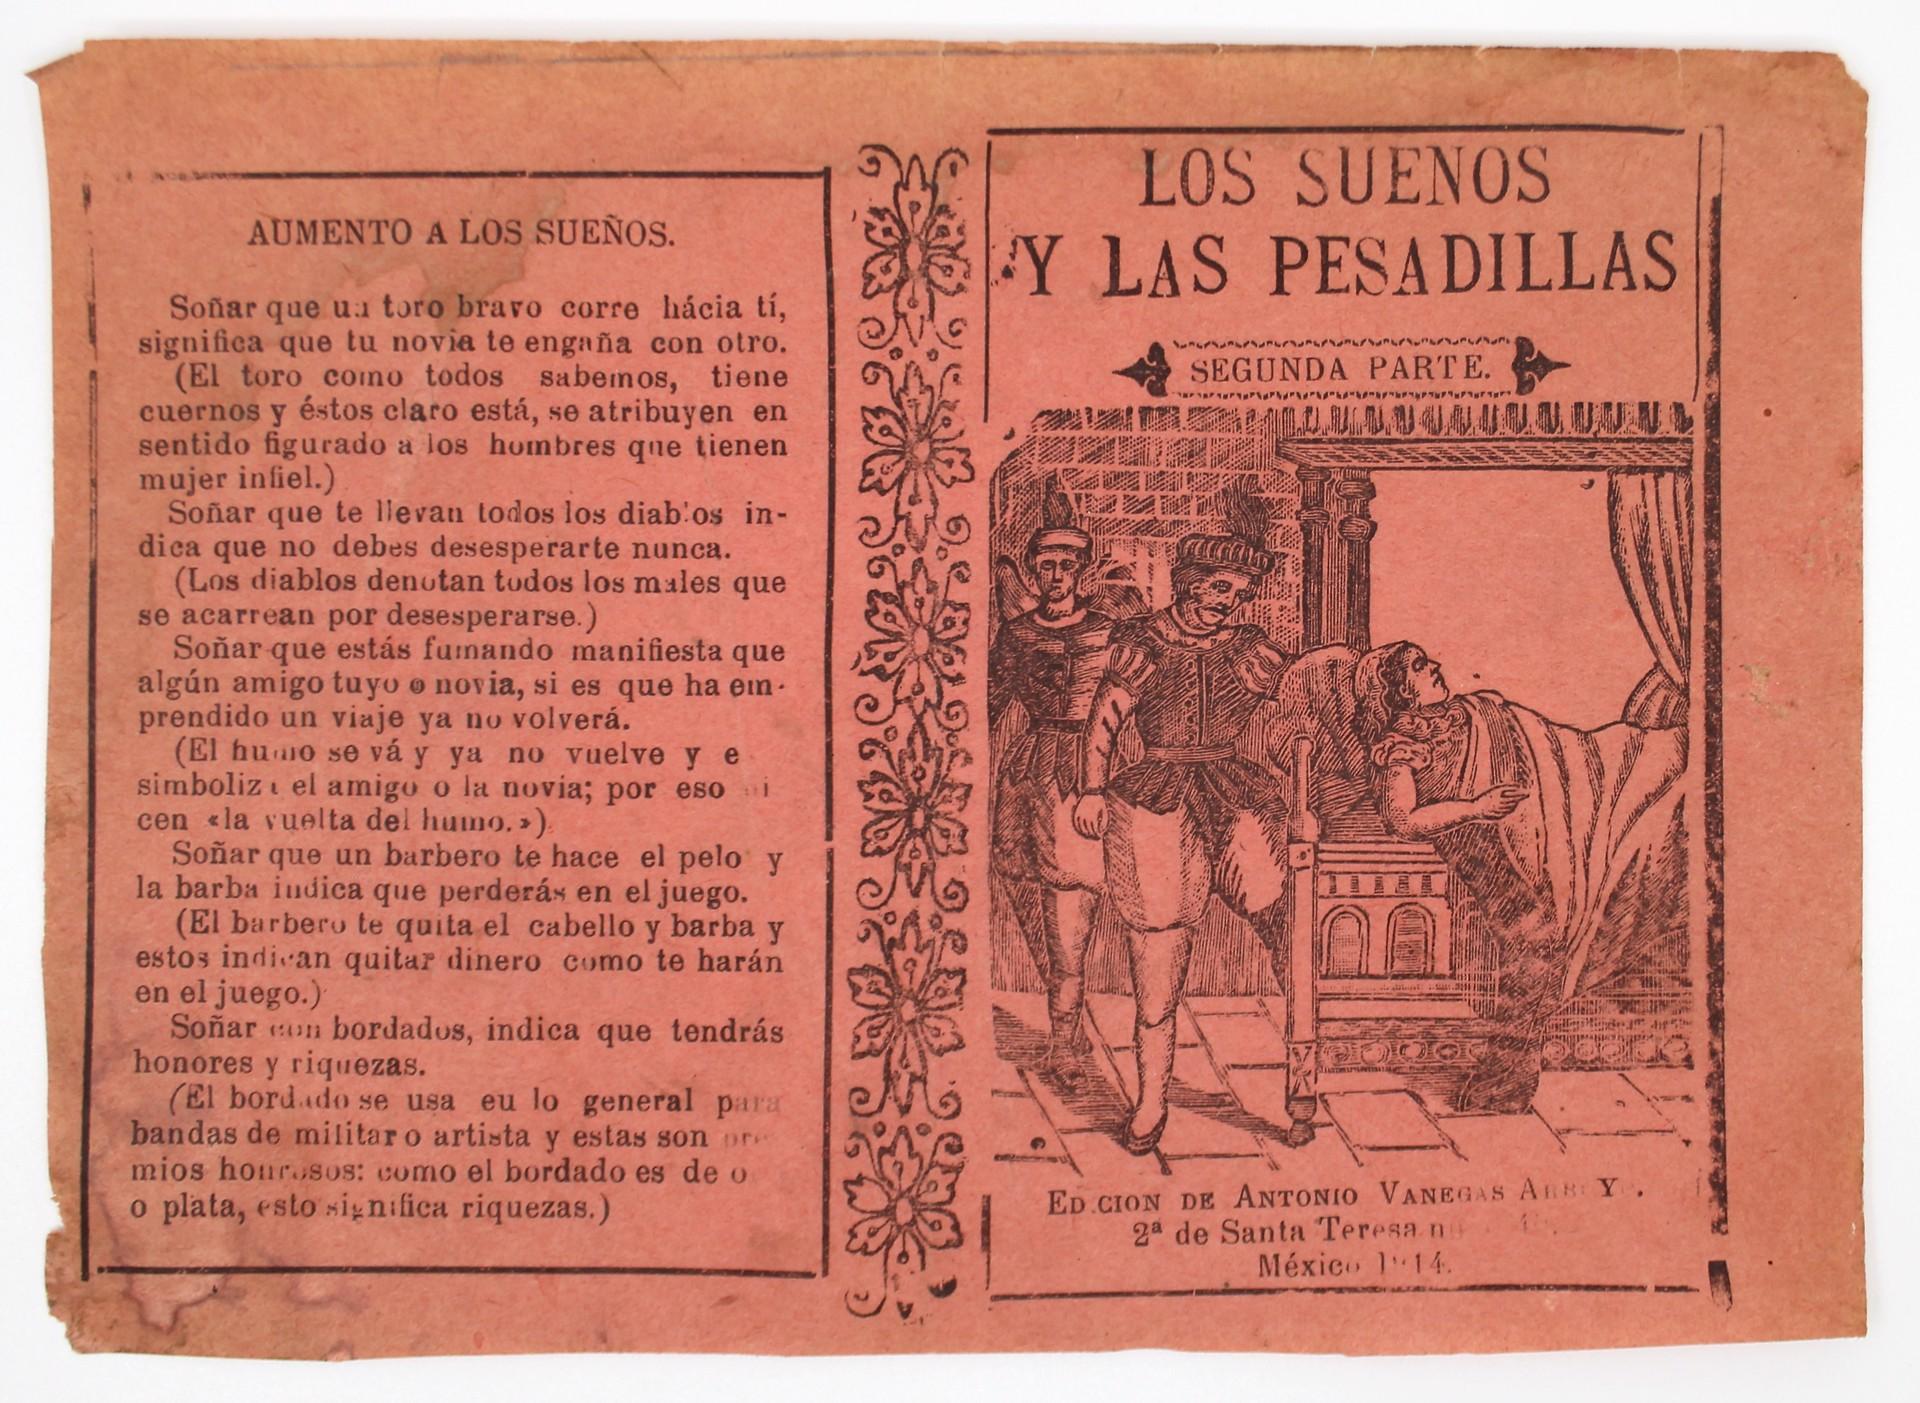 Los Suenos y las Pesadillas by José Guadalupe Posada (1852 - 1913)